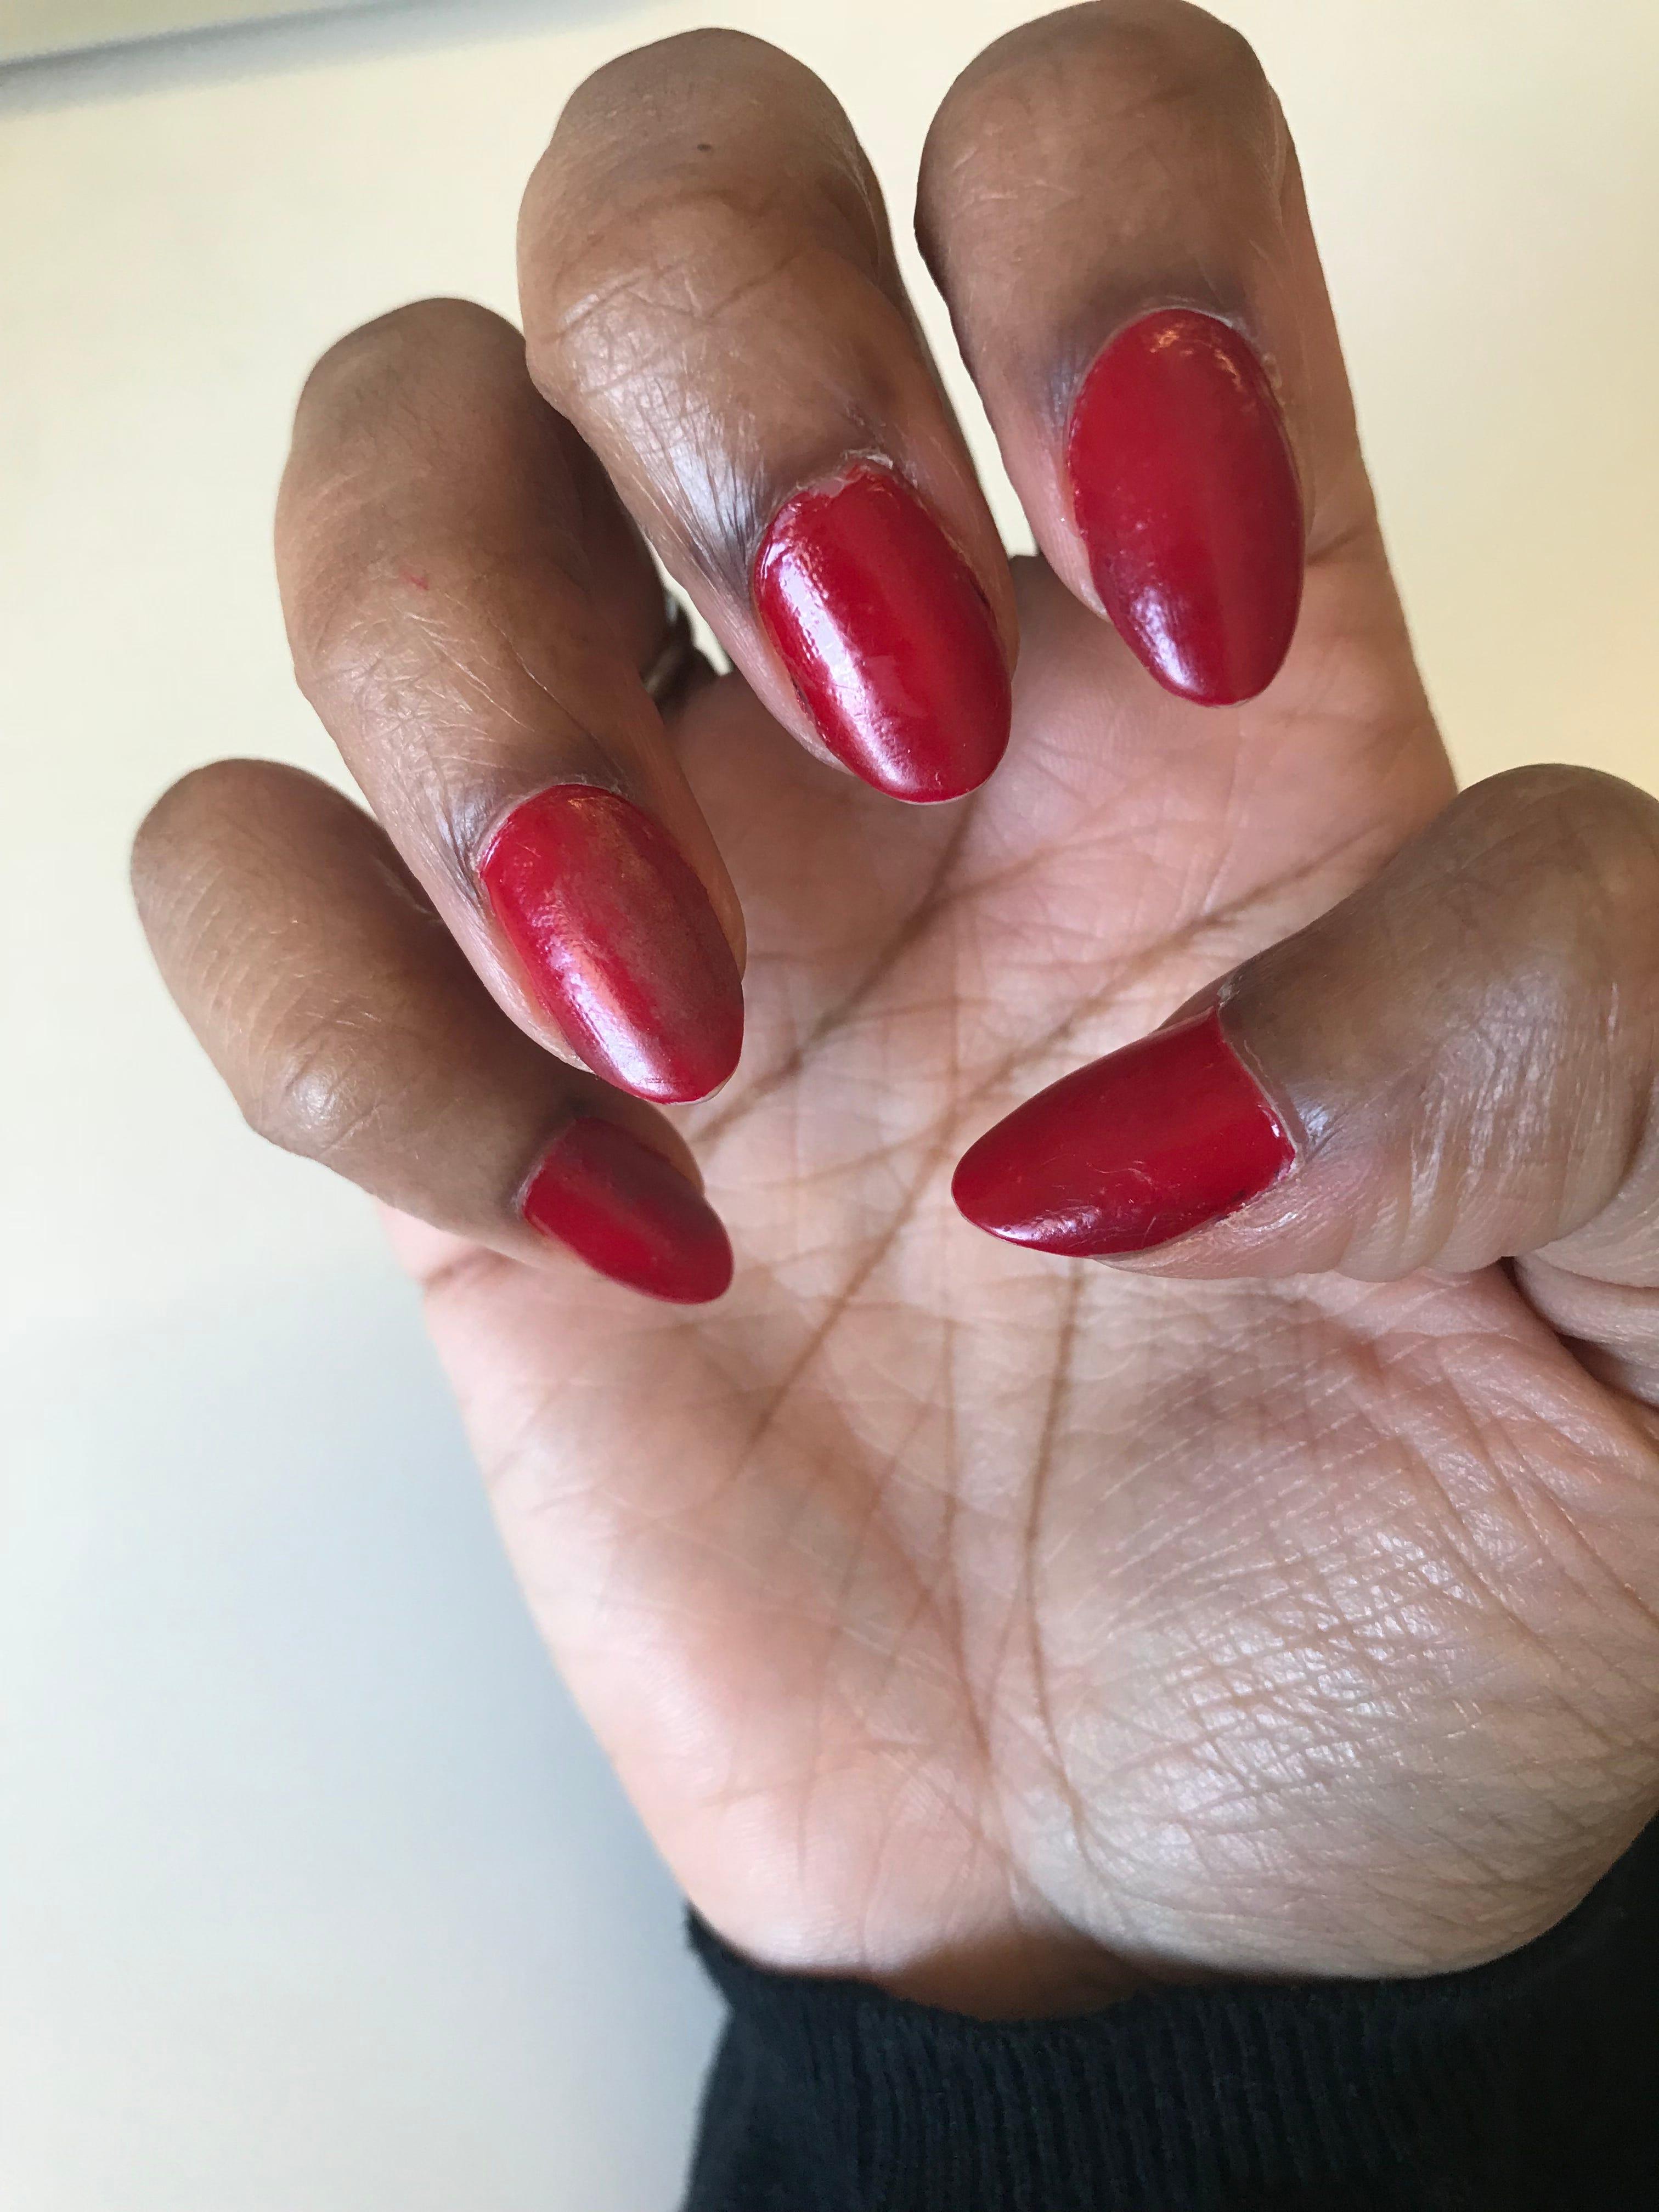 Best Gel Nail Polish - No Chip Nail Colors